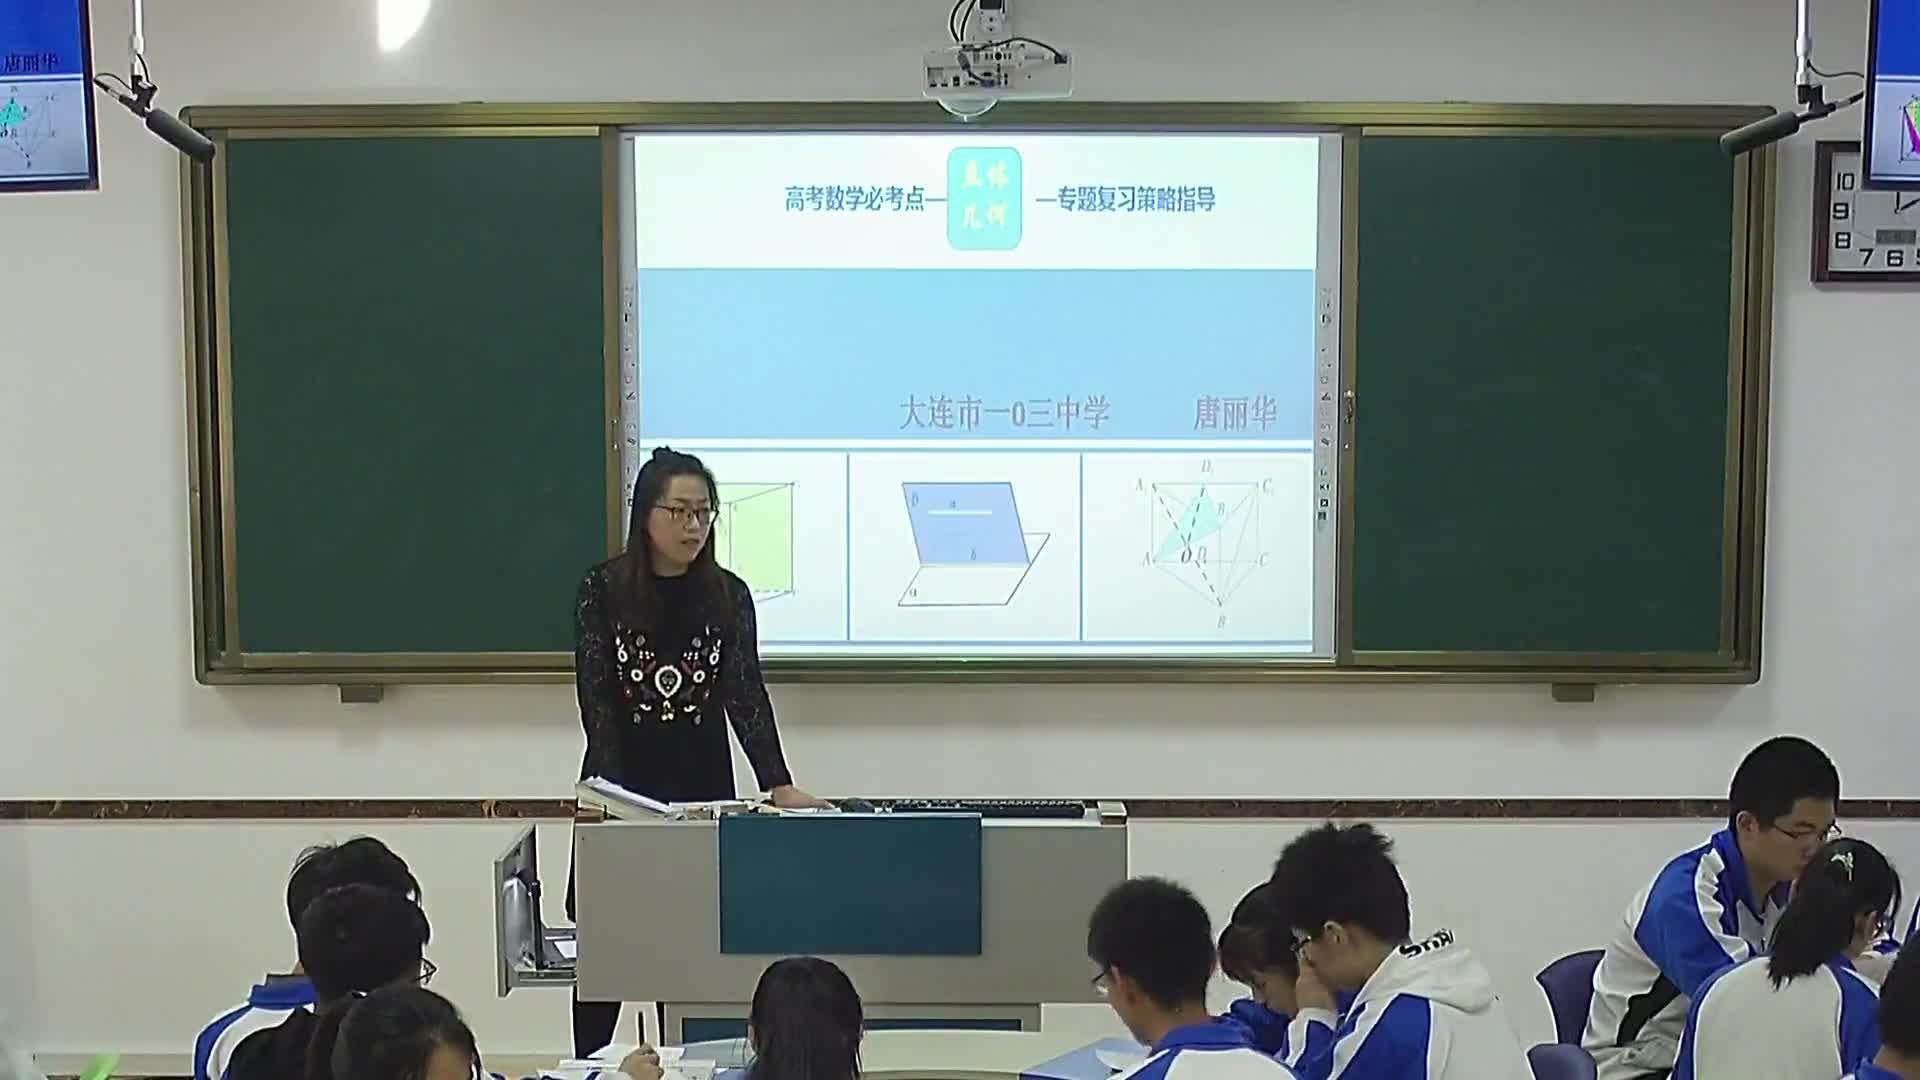 高考数学必考点 立体几何专题复习策略指导-课堂实录